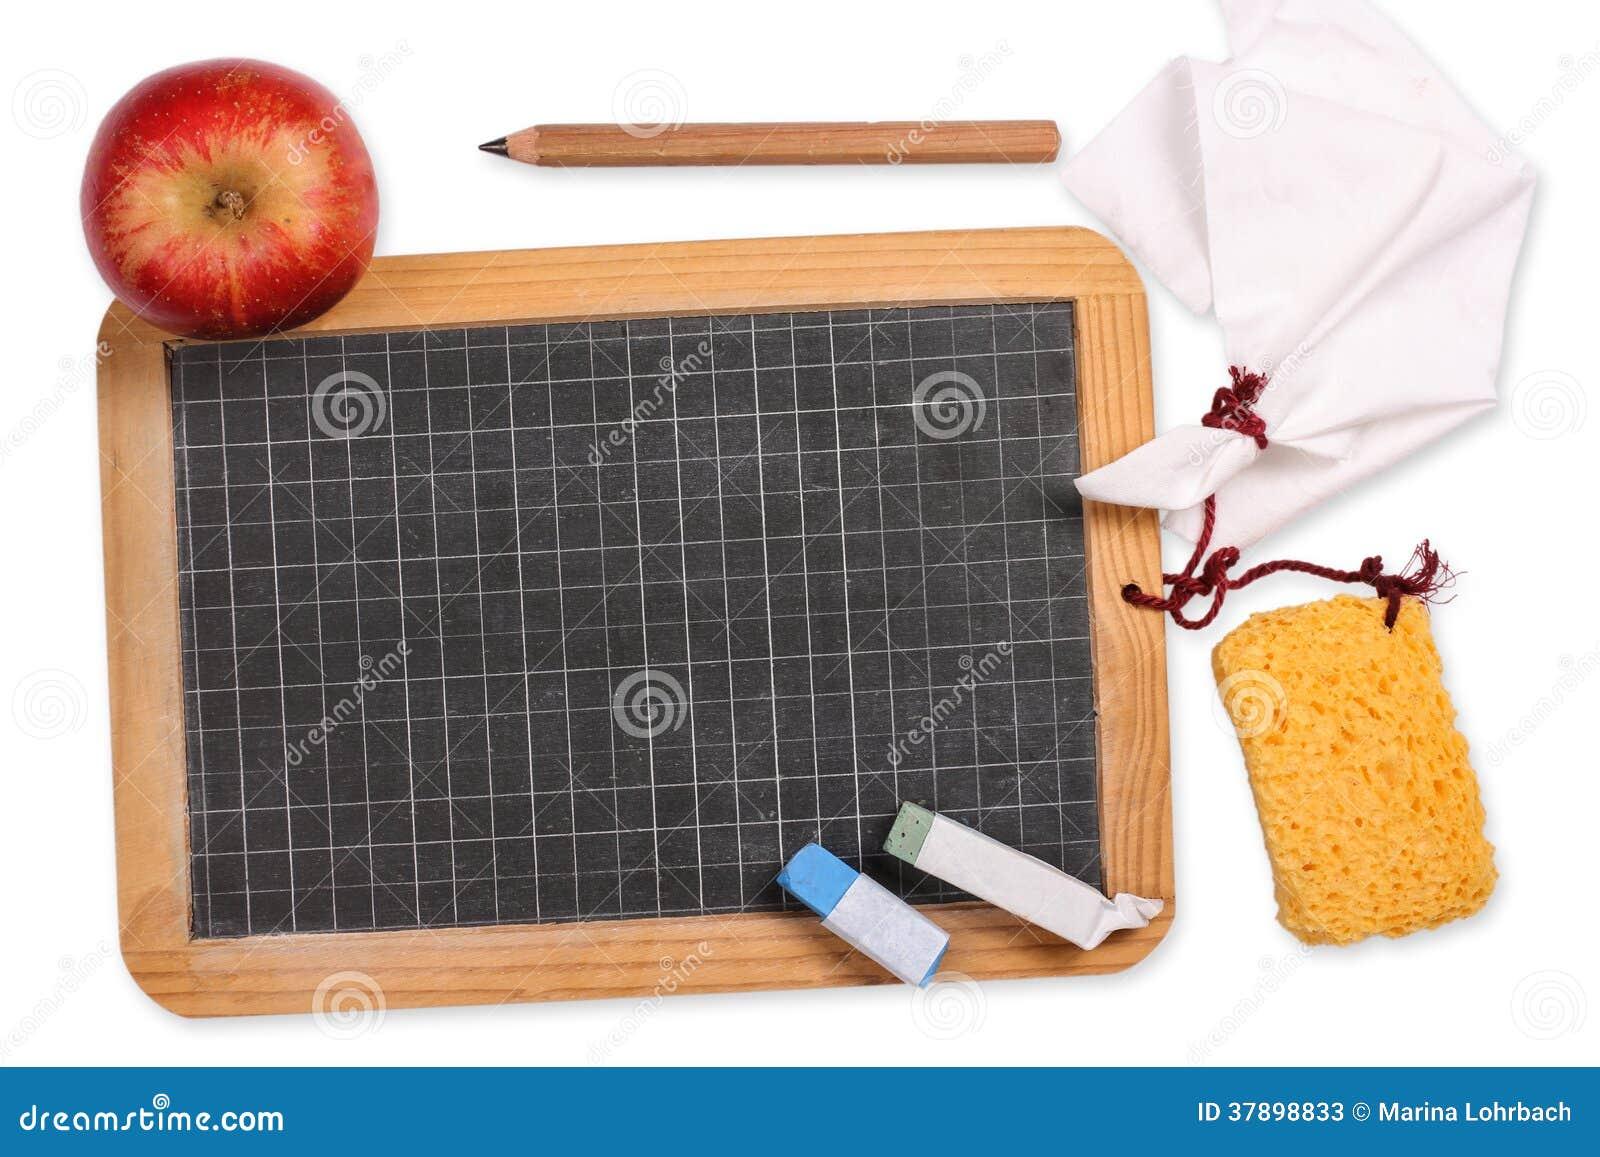 Schultafel Mit Kreide Und Schwamm ~ Tafel Mit Apfel, Schwamm, Kreide, Stoff Und Bleistift Stockfotos